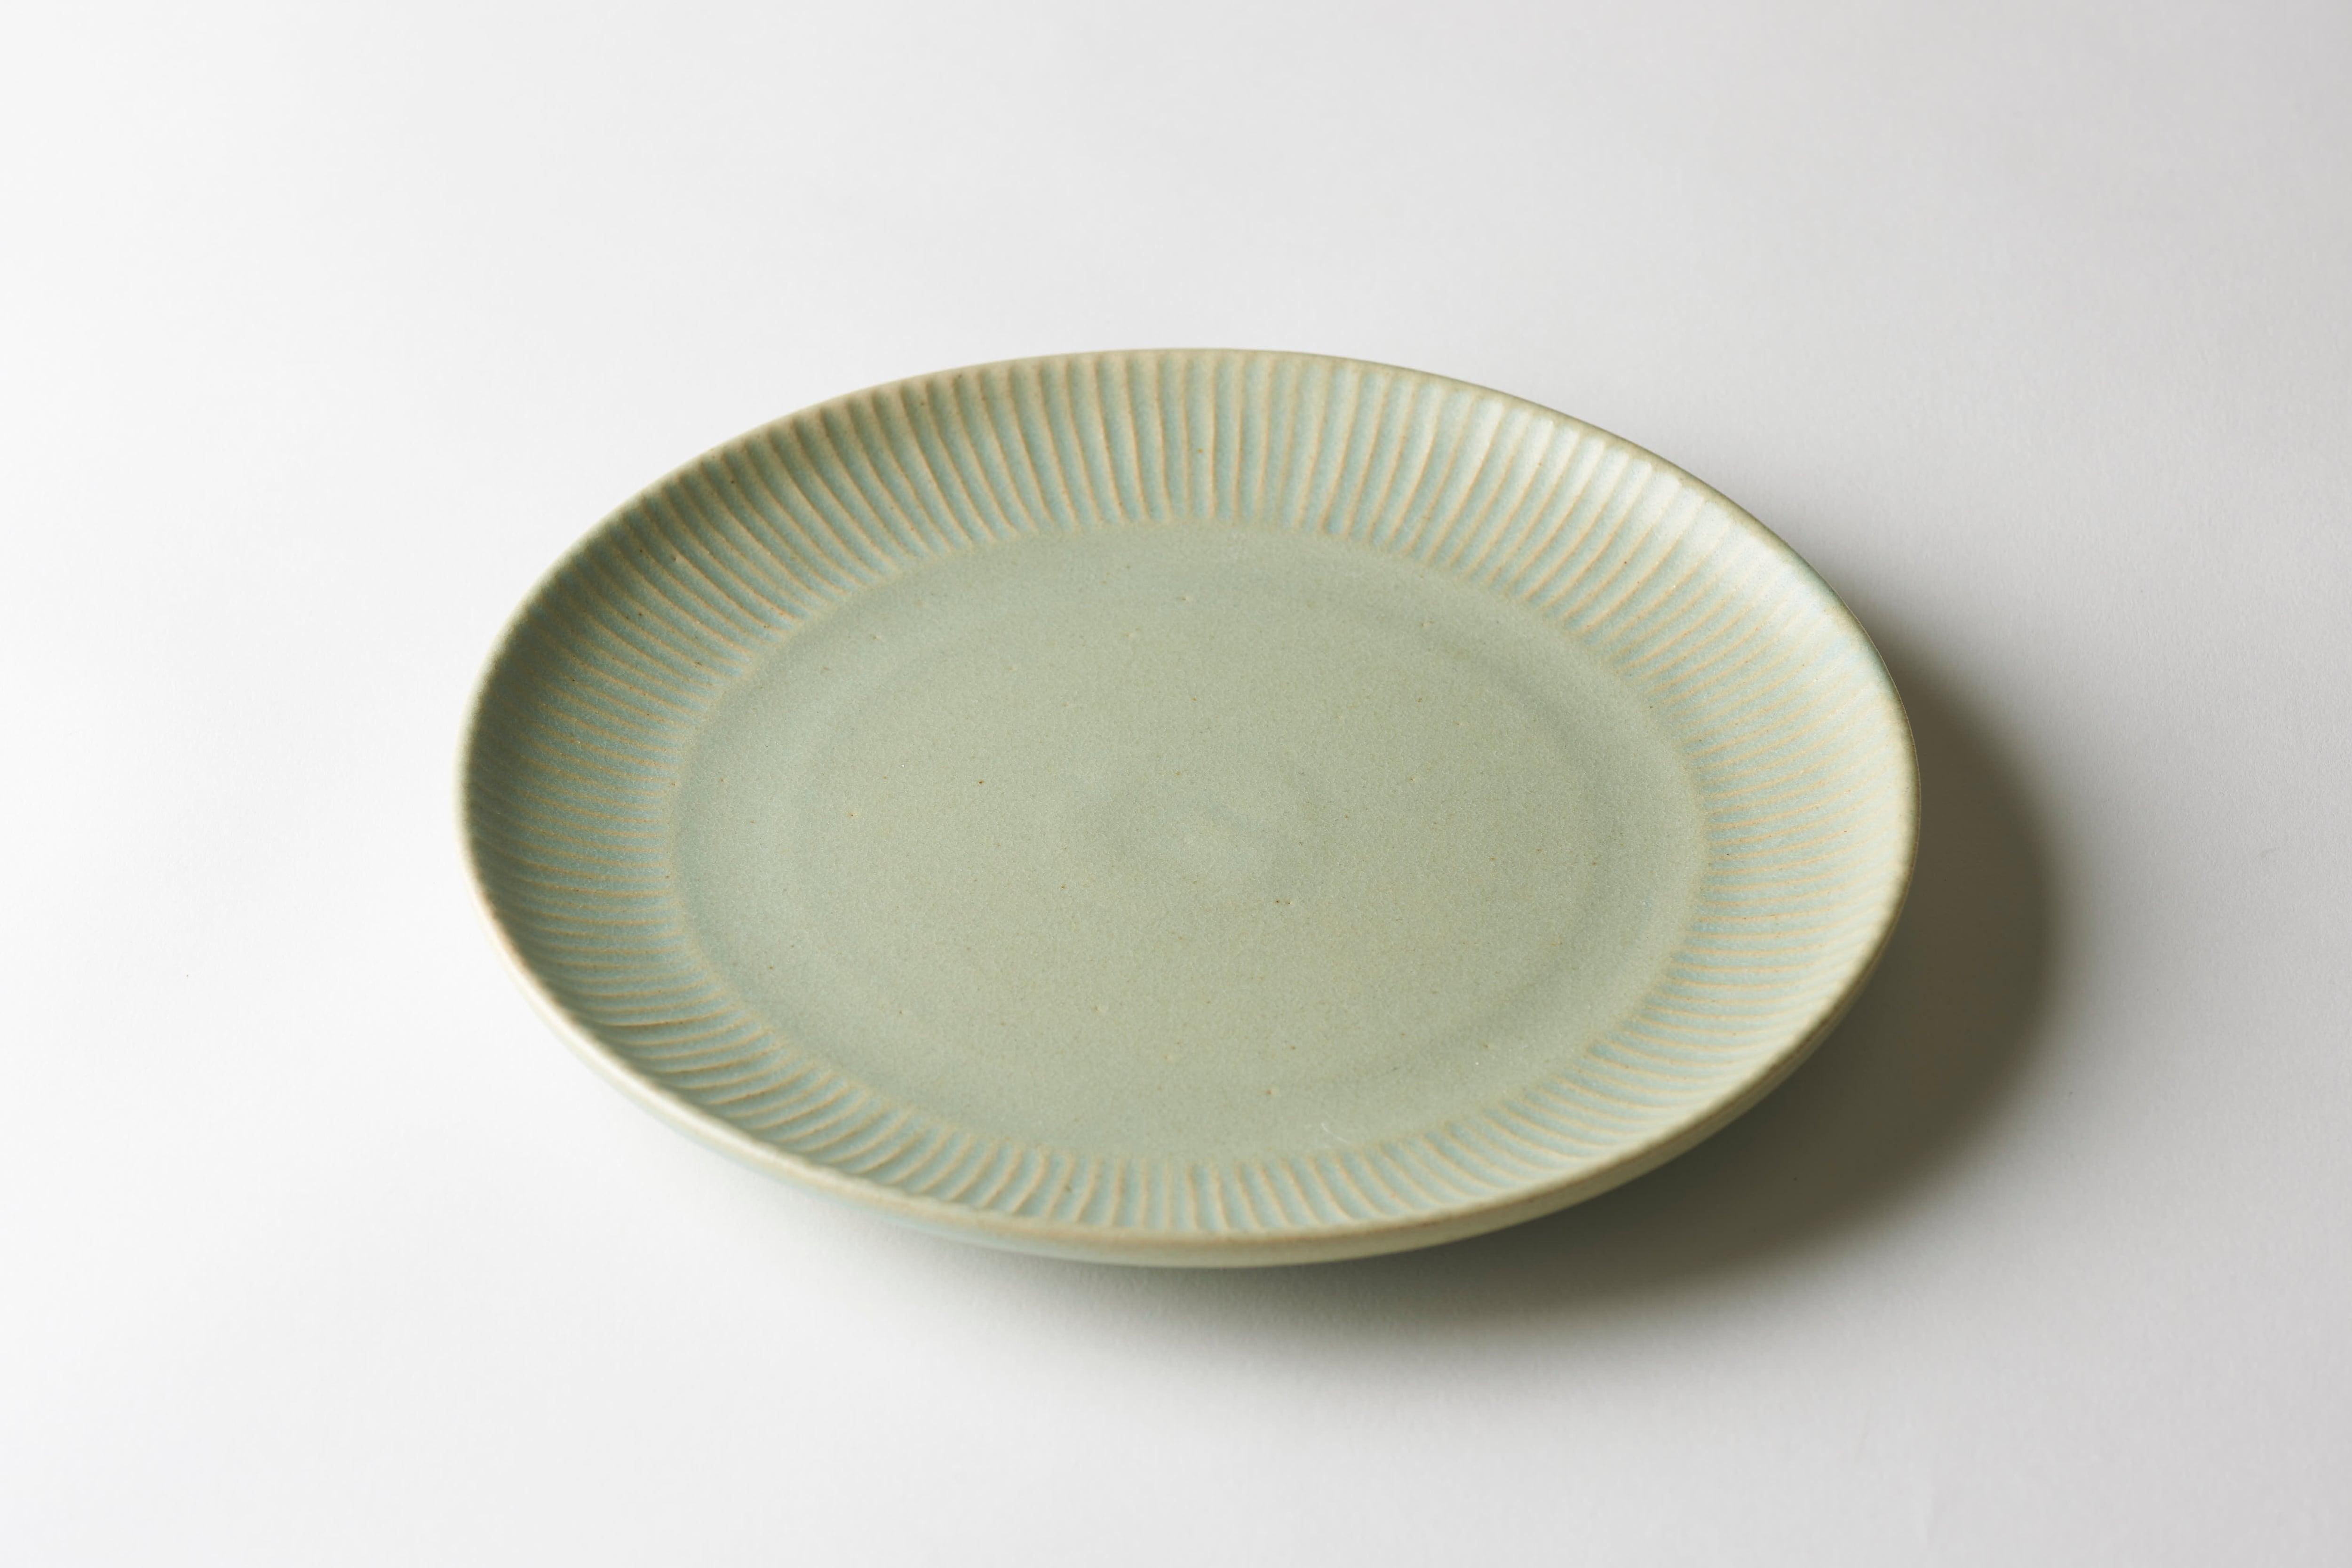 しのぎ8寸皿(グリーン)